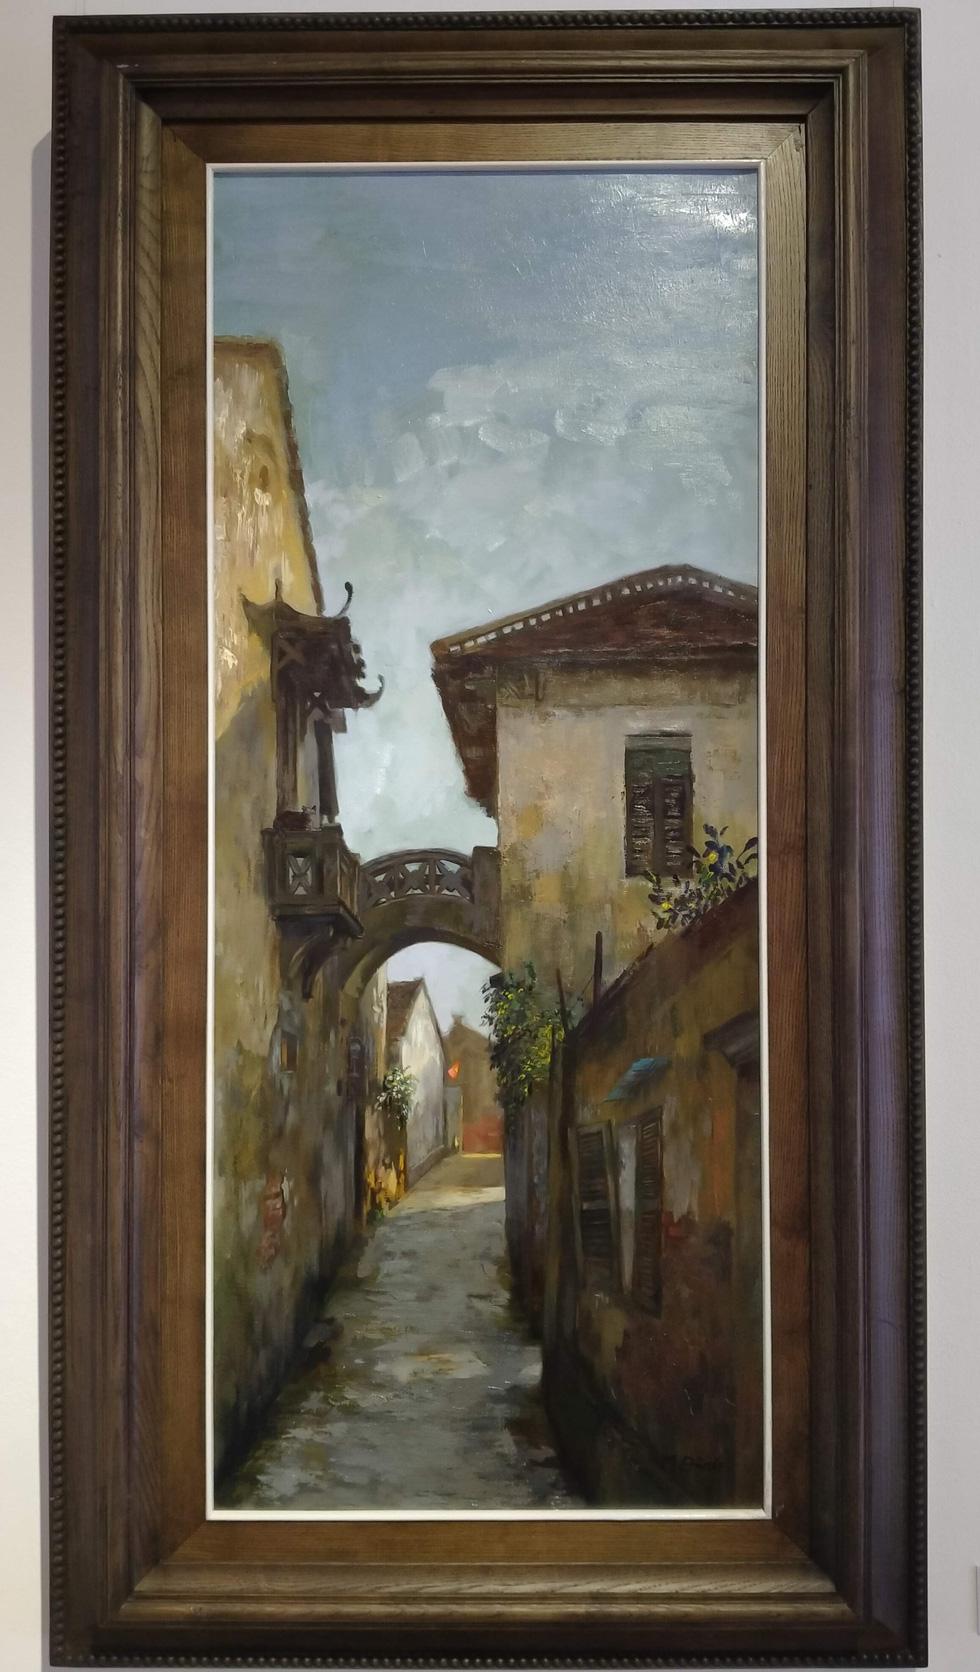 Chiêm ngắm ngôi làng nhiều biệt thự cổ của Hà Nội qua tranh vẽ - Ảnh 5.